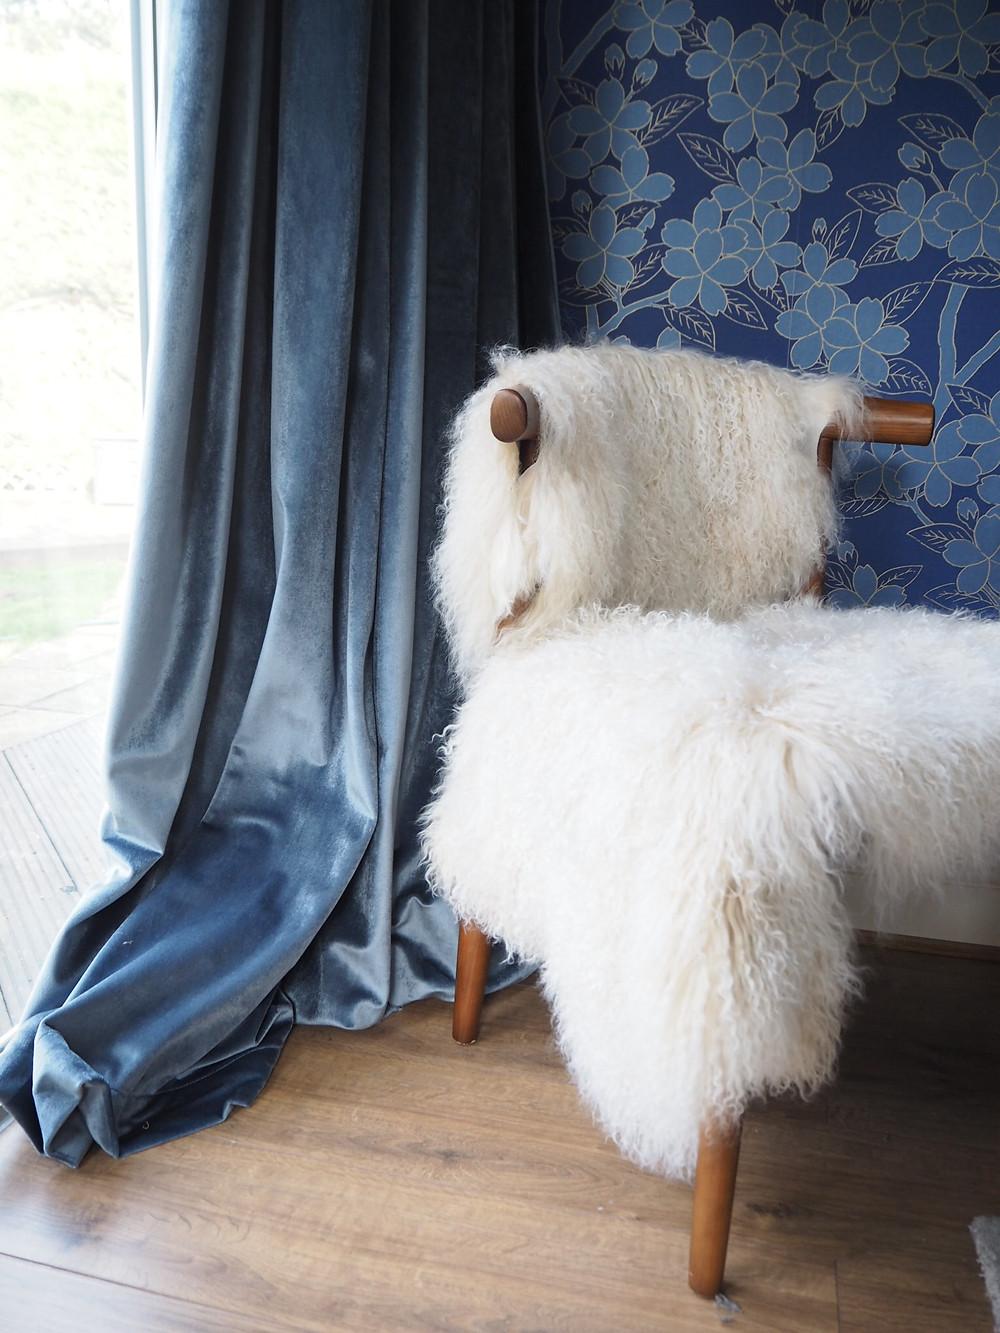 BLUE VELVET CURTAINS MISTY BLUE CURTAINS2GO sheepskin chair